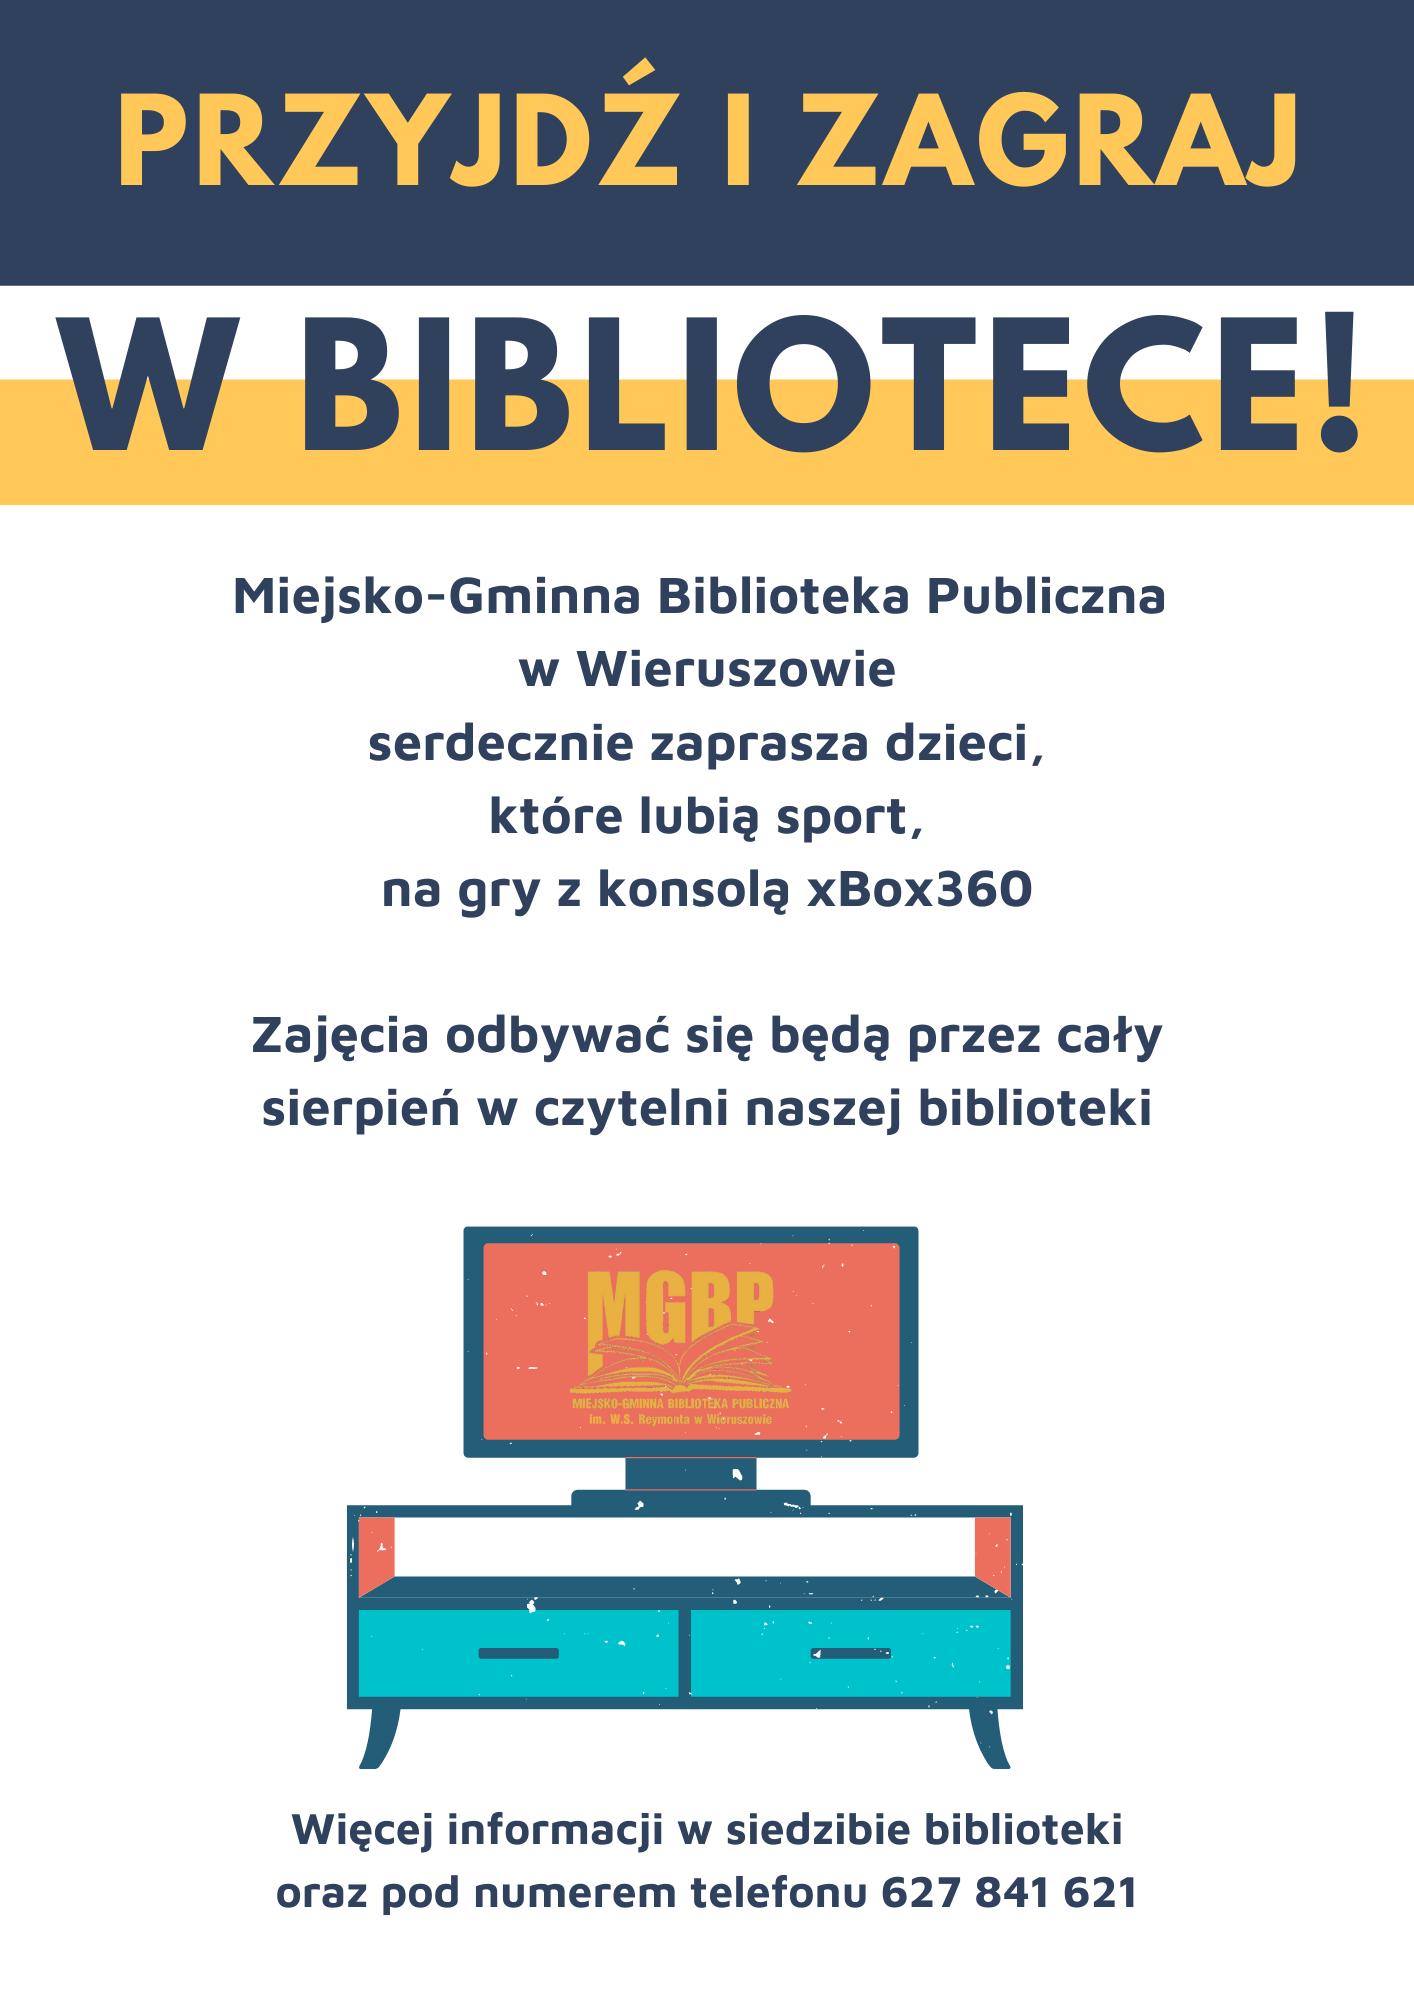 Przyjdź izagraj wbibliotece